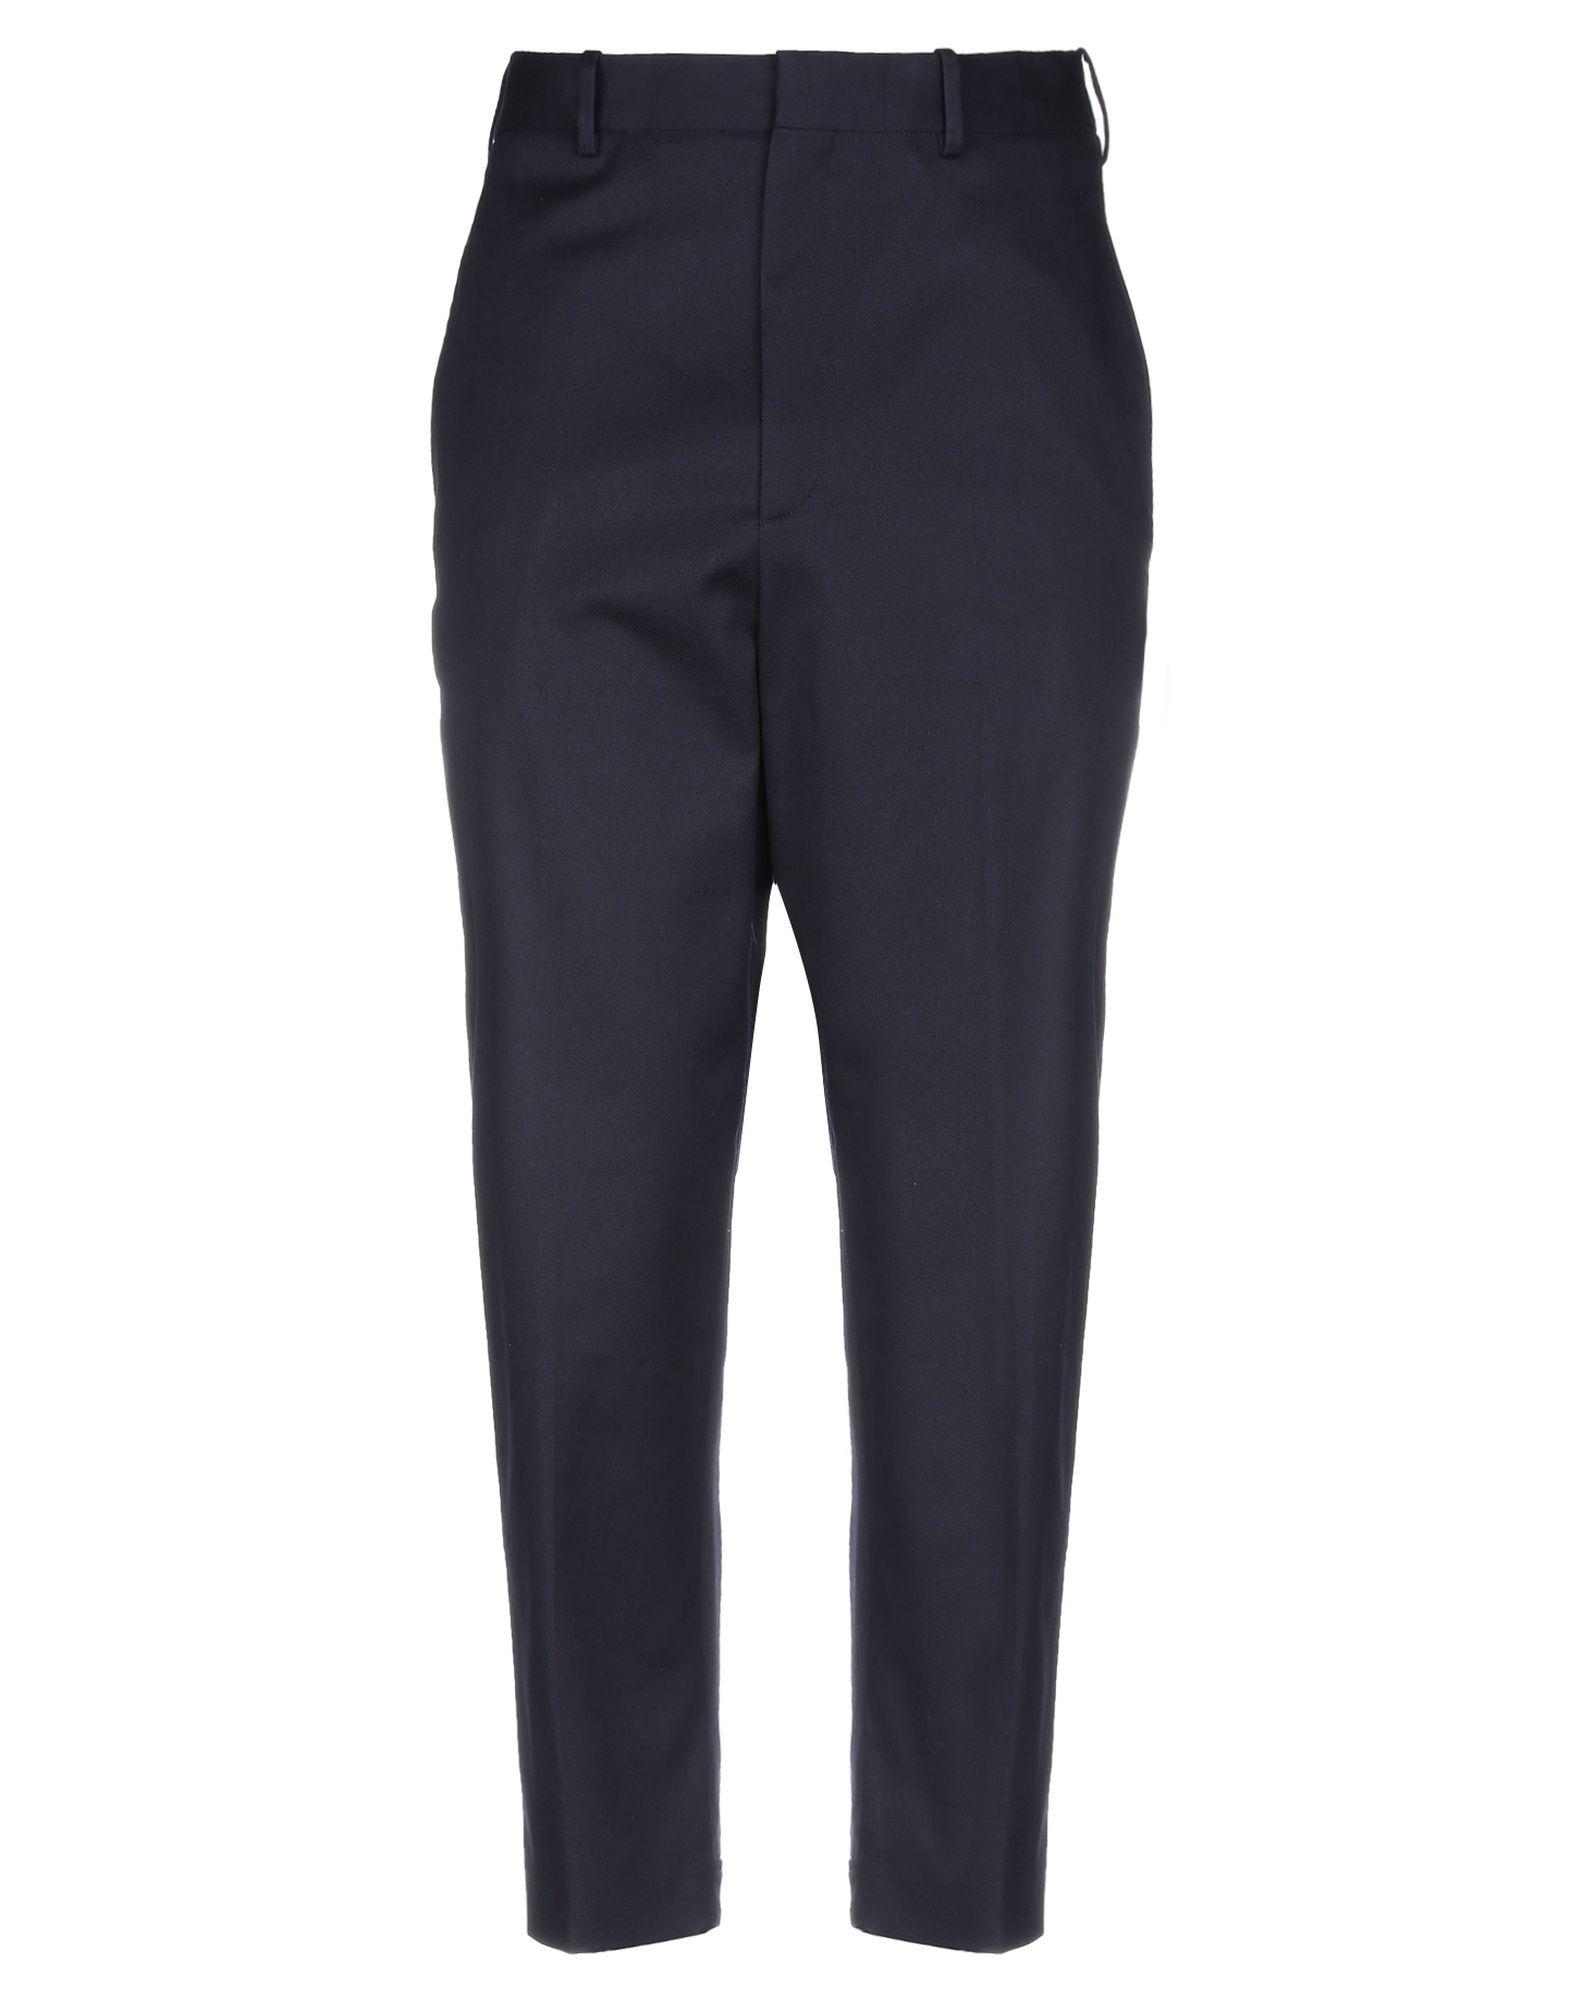 NEIL BARRETT Повседневные брюки geedo повседневные брюки весна лето и осень молодежные повседневные брюки мужчины тонкие стрейч жесткие брюки пара 1721 черный 2xl